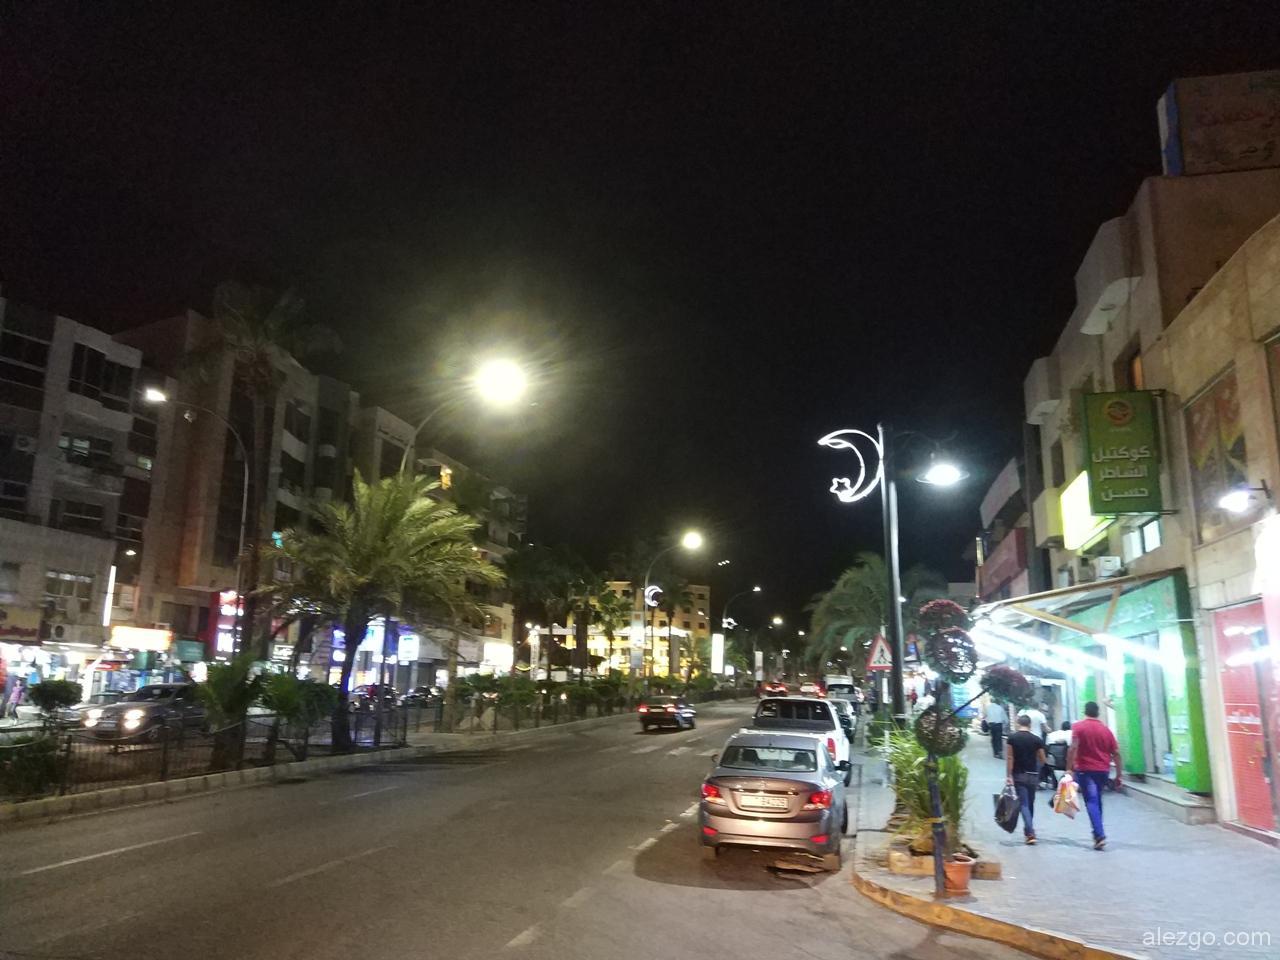 акаба, иордания, акаба иордания 2018